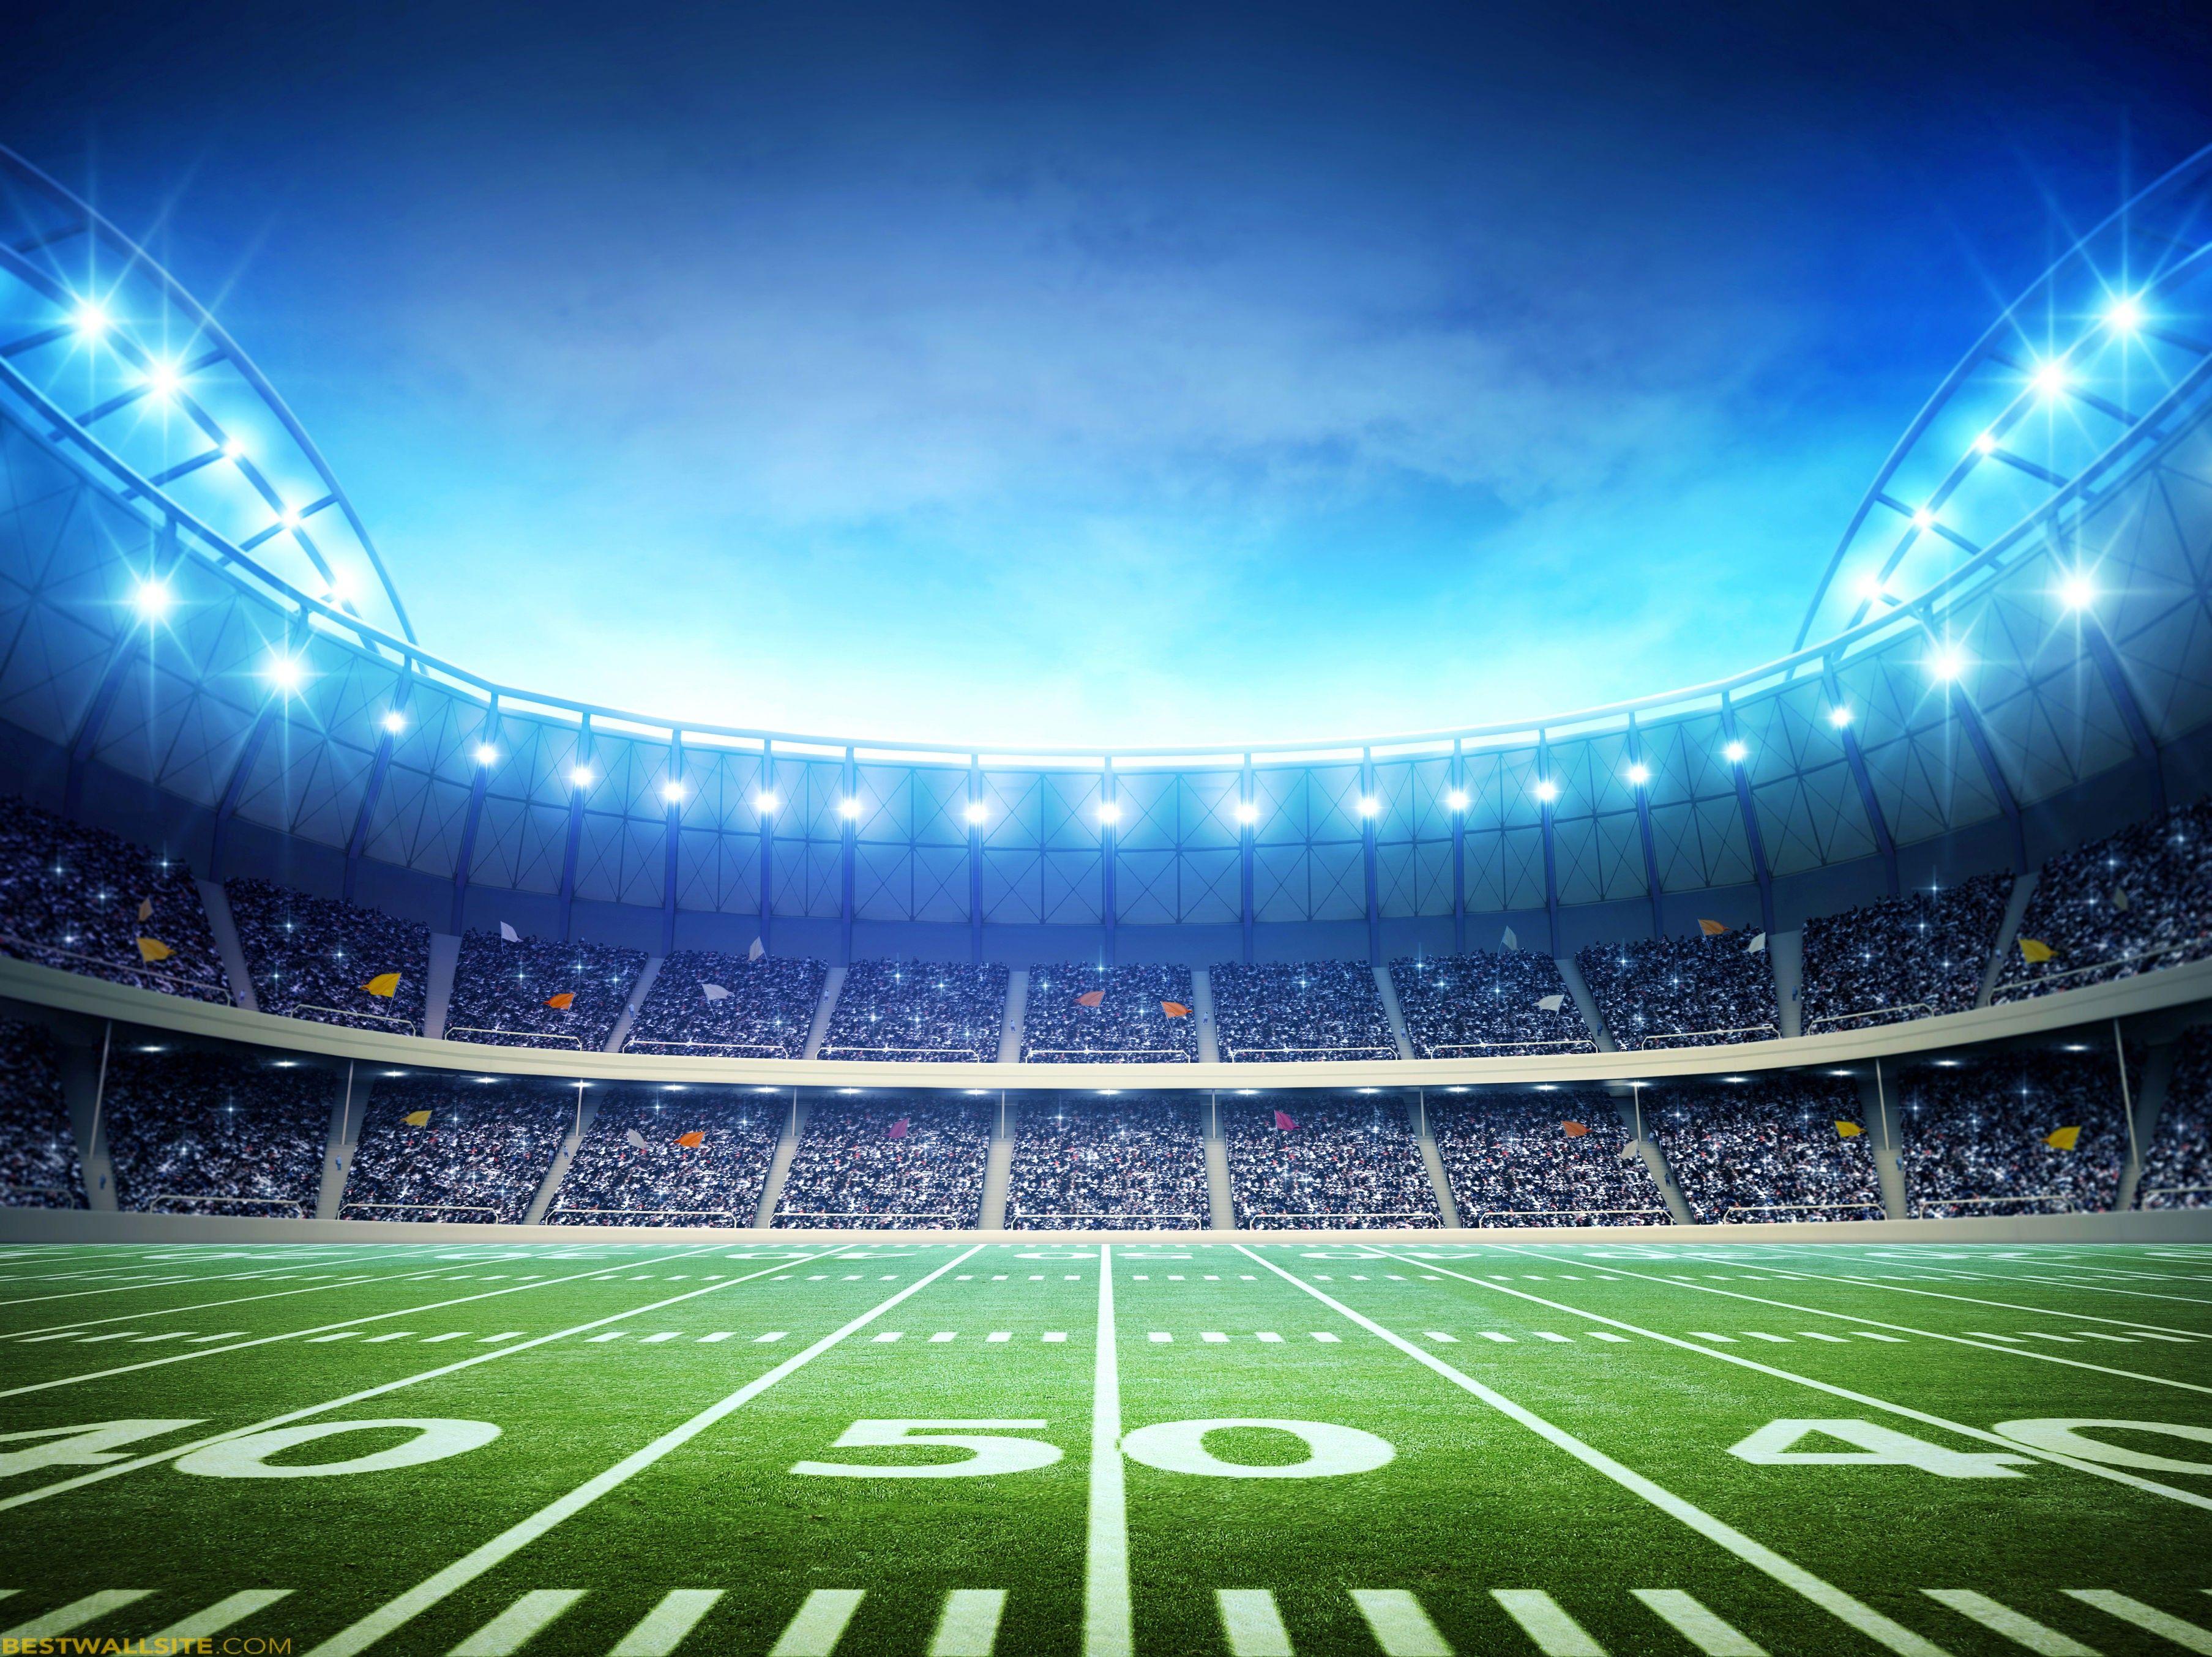 football field high quality wallpaper high resolution wallpaper